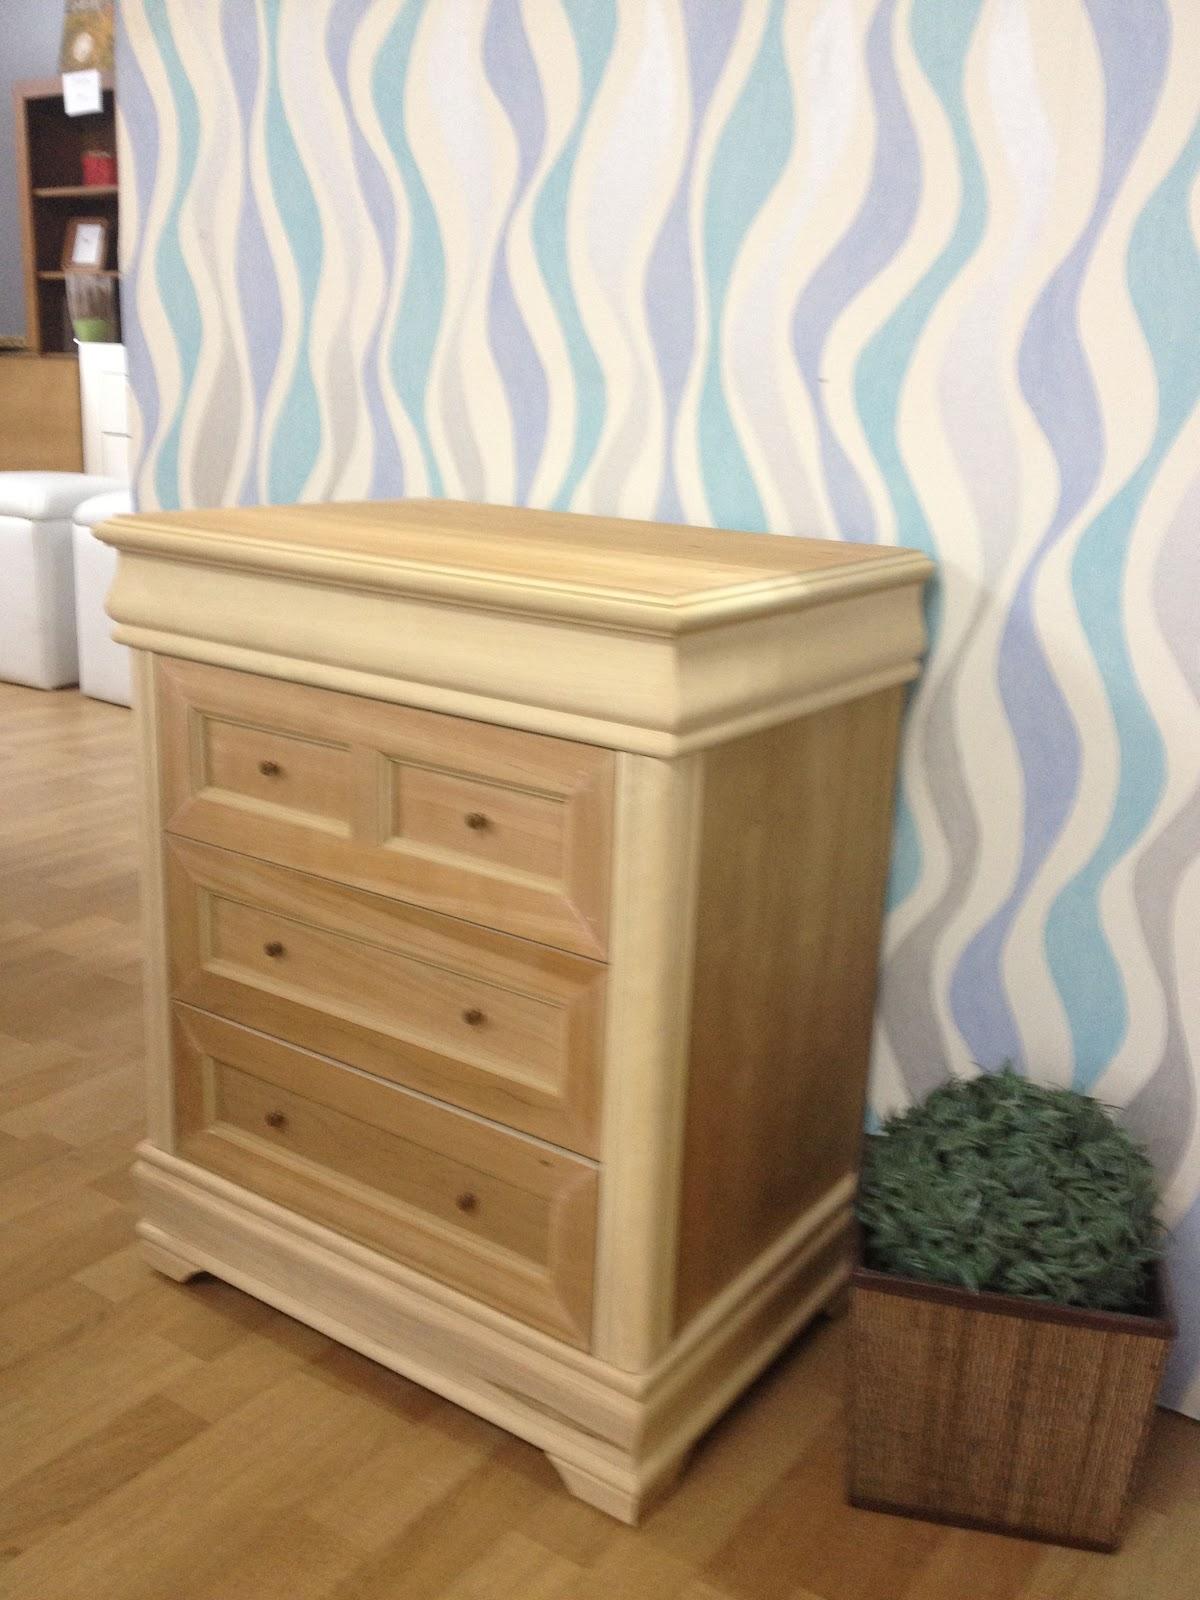 G rgola blog mobiliario e interiorismo muebles para - Muebles en crudo para pintar ...